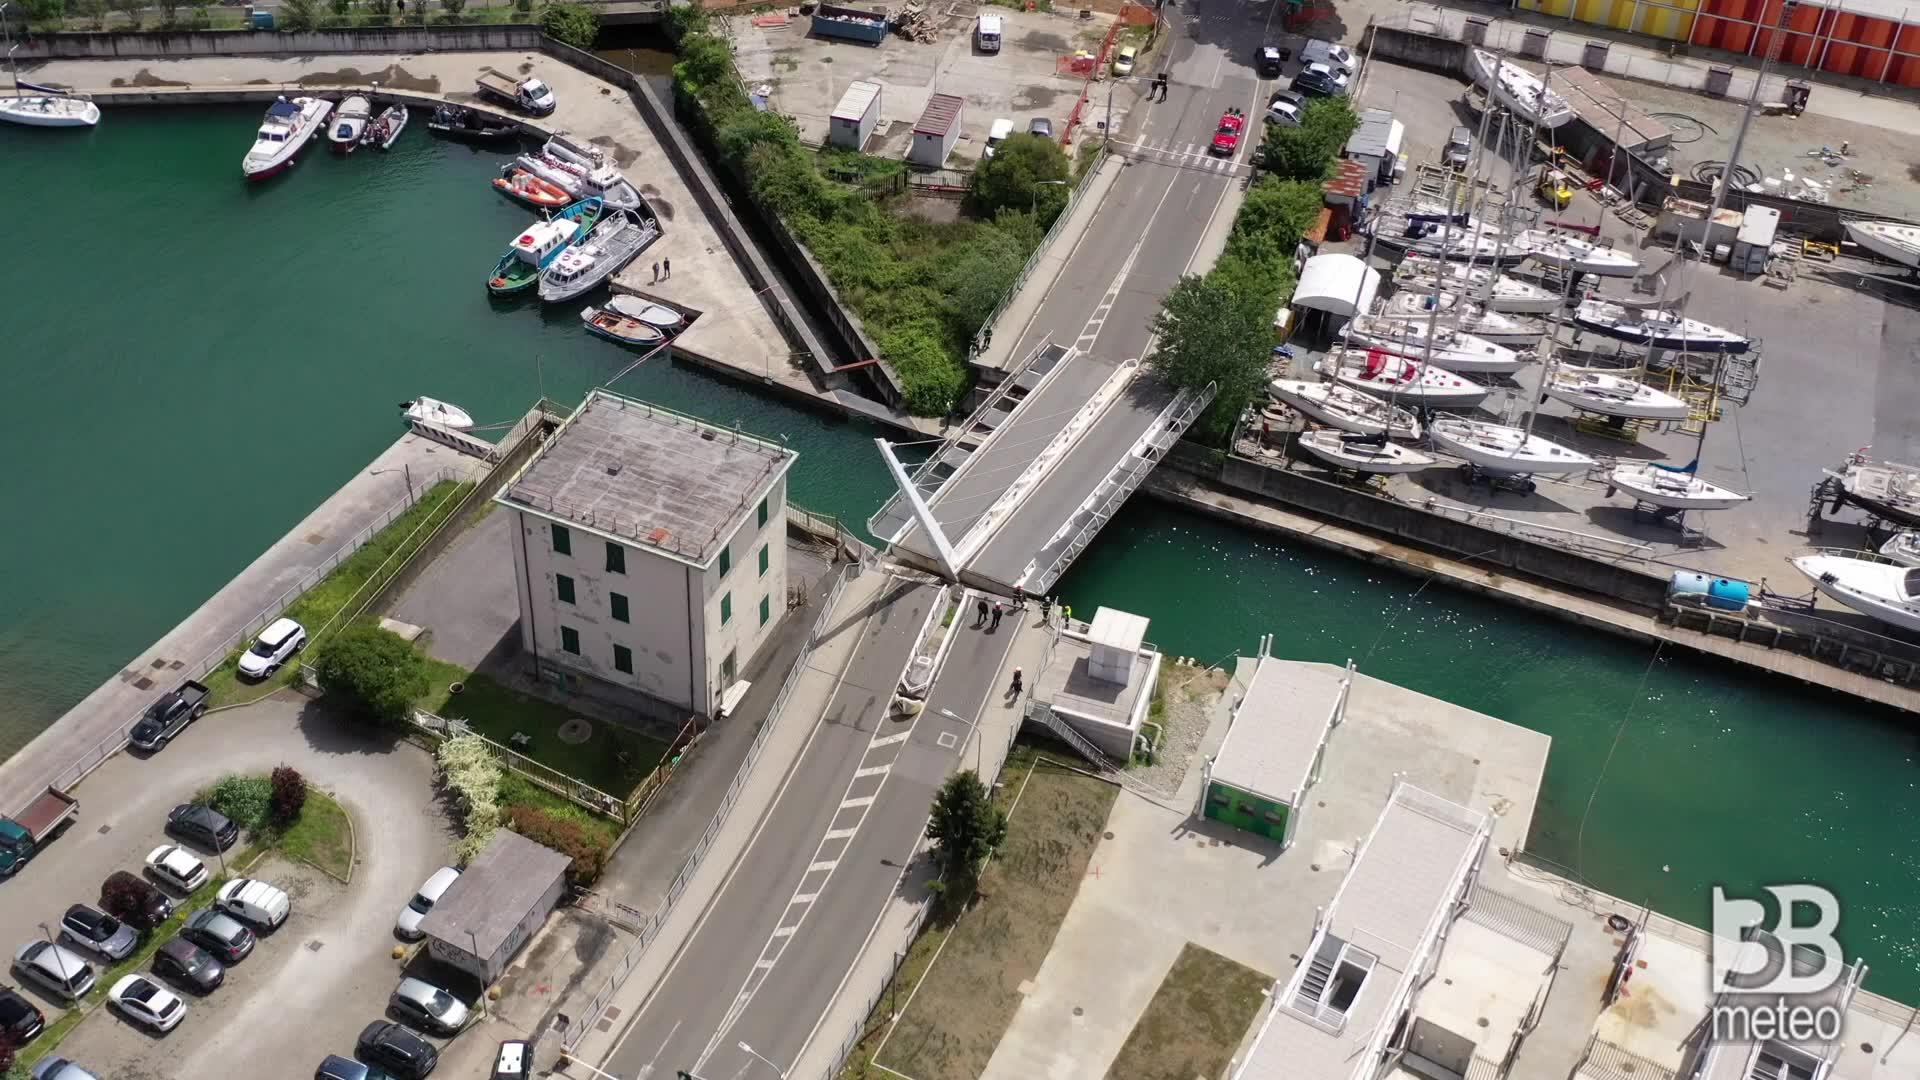 CRONACA DIRETTA - La Spezia, cede ponte su darsena: le immagini dal drone - VIDEO